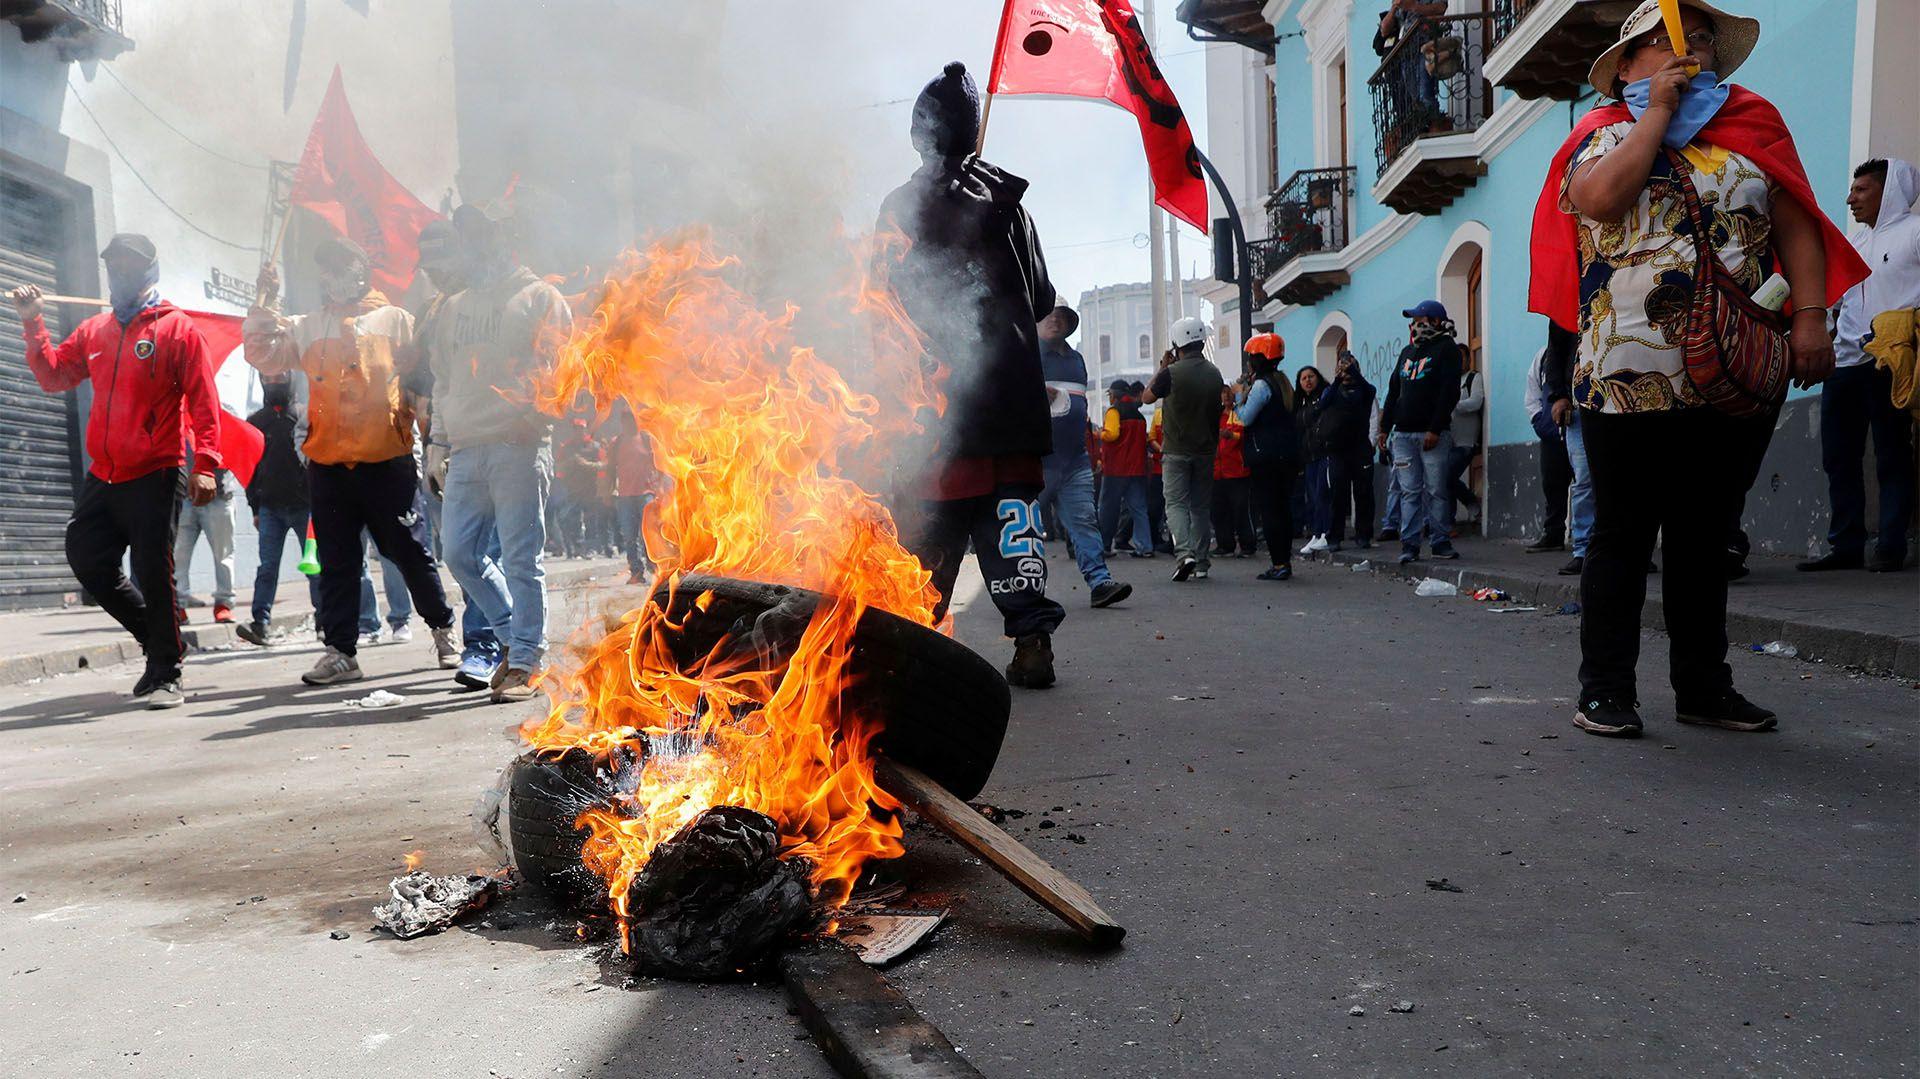 Los manifestantes cortaron calles y vías (REUTERS/Henry Romero)